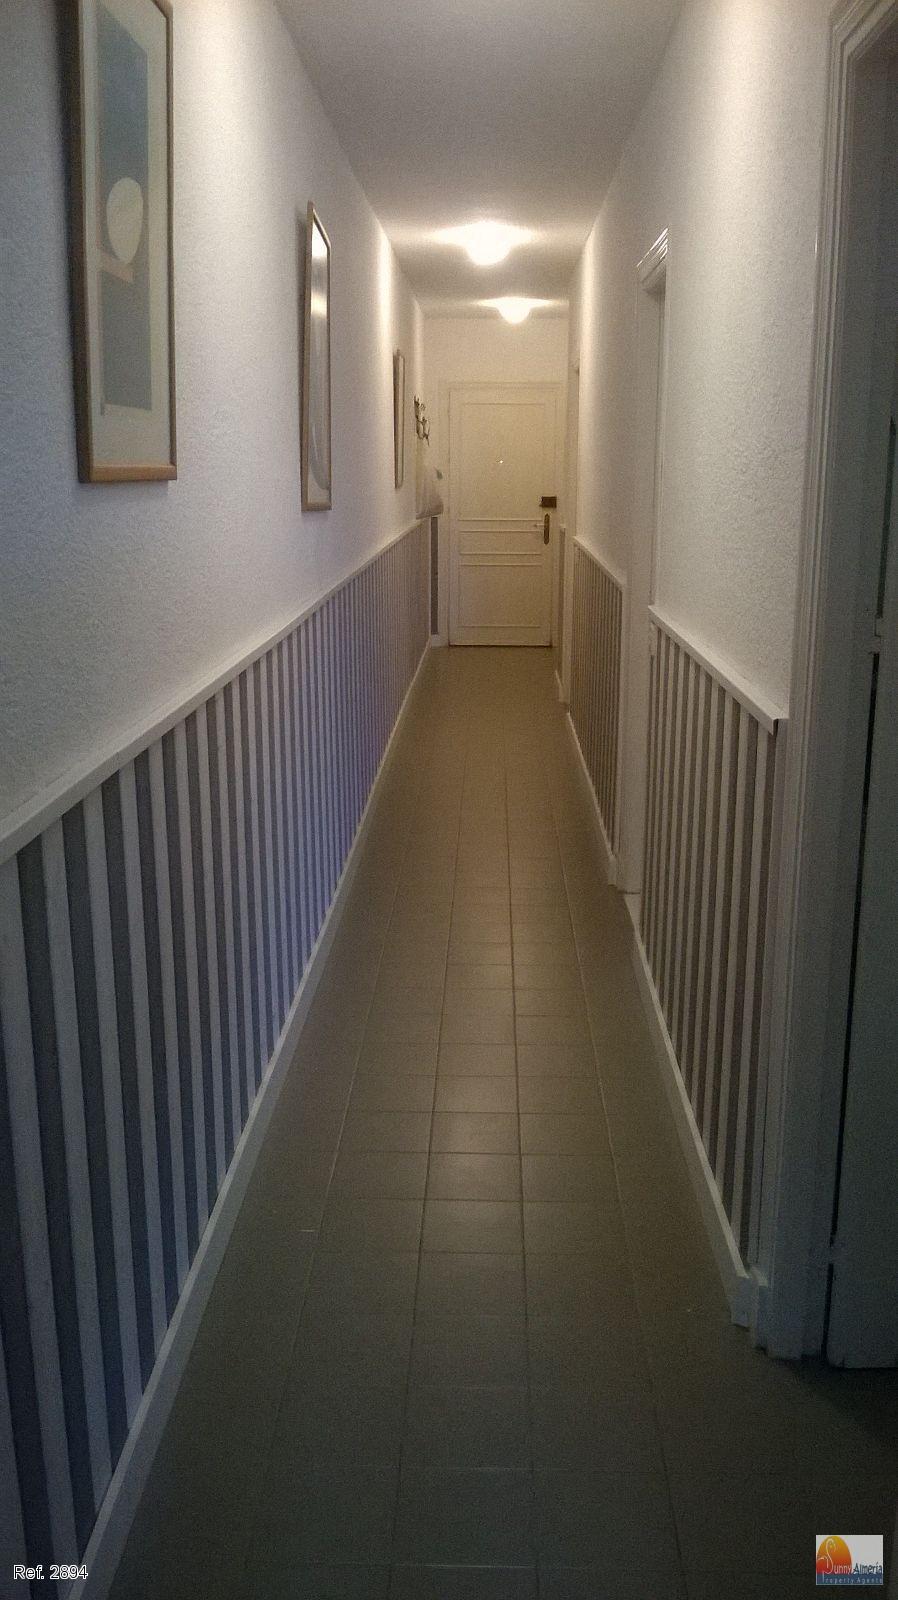 1 etages rækkehus udlejes på lang tid I Playa Serena (Roquetas de Mar), 1.050€/måned (årstid)